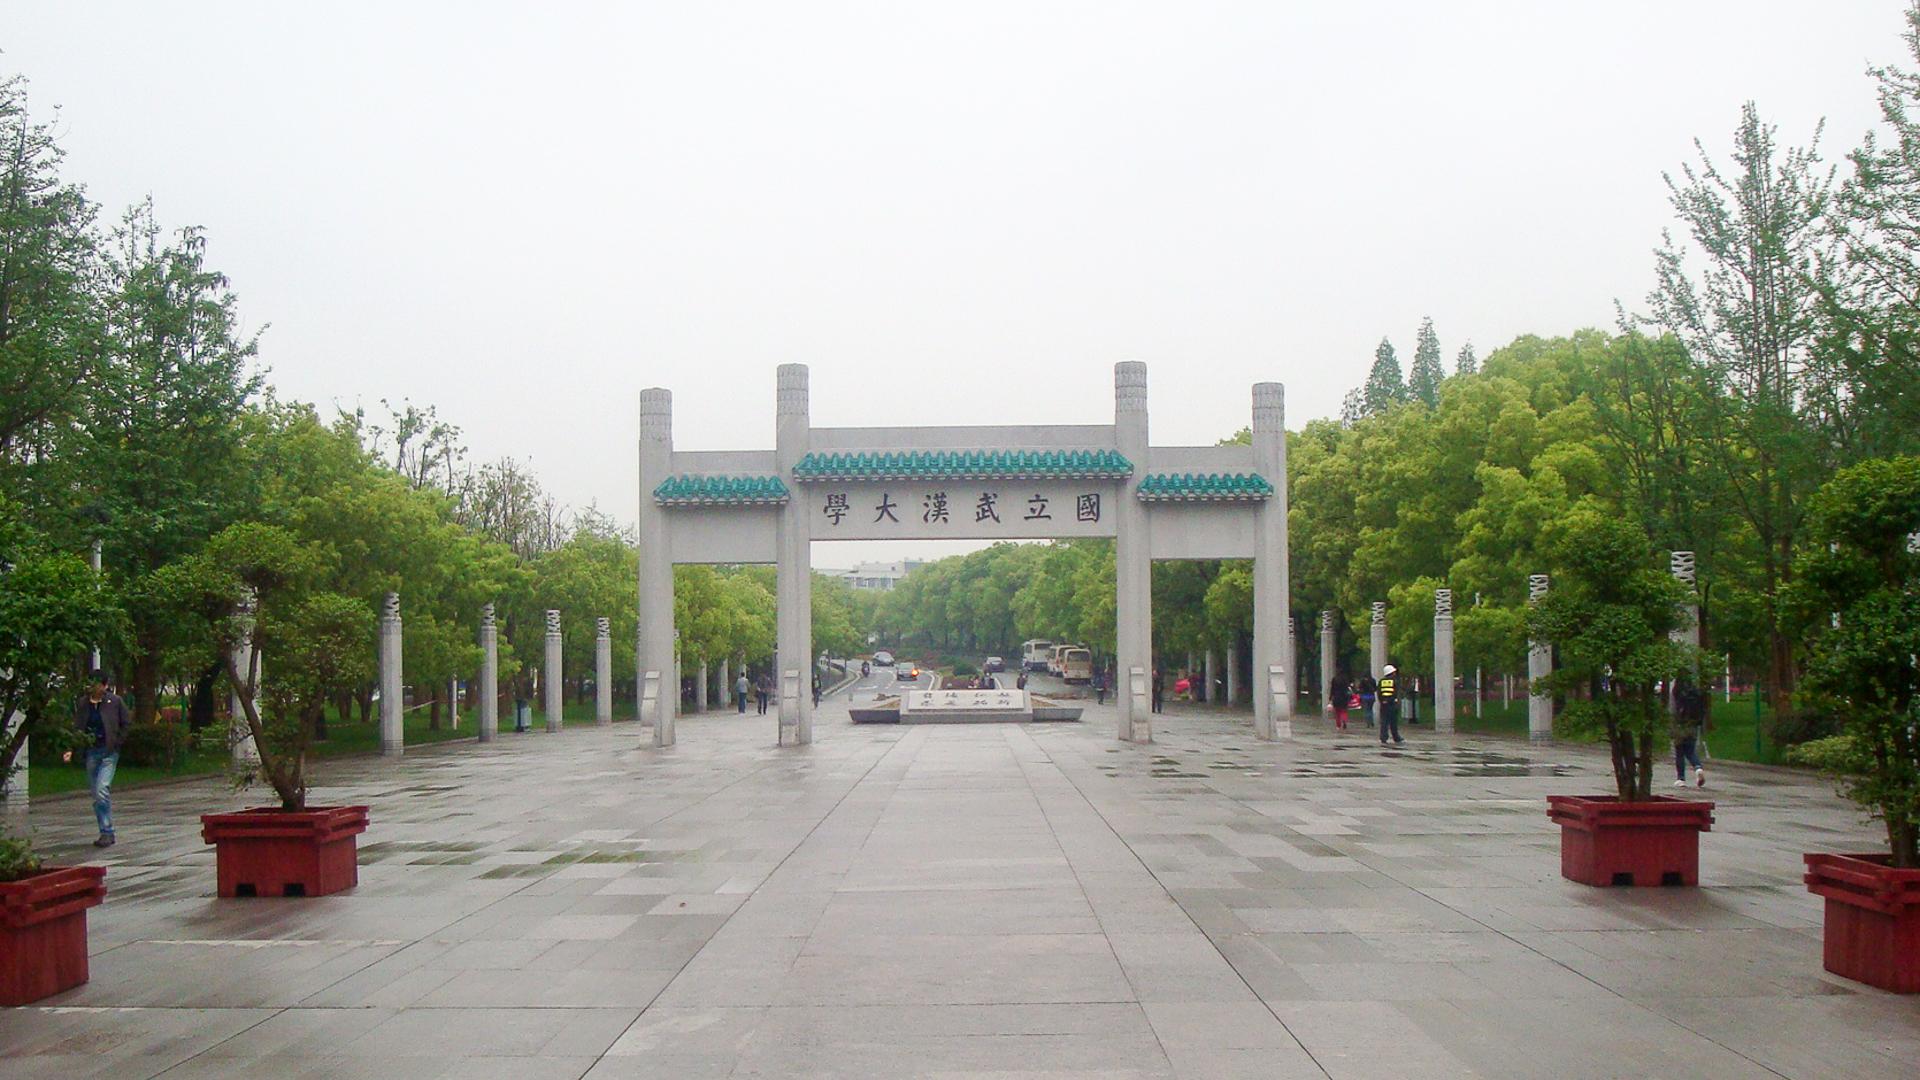 喜欢武汉大学的风景吗?你会给武汉大学打几分呢?